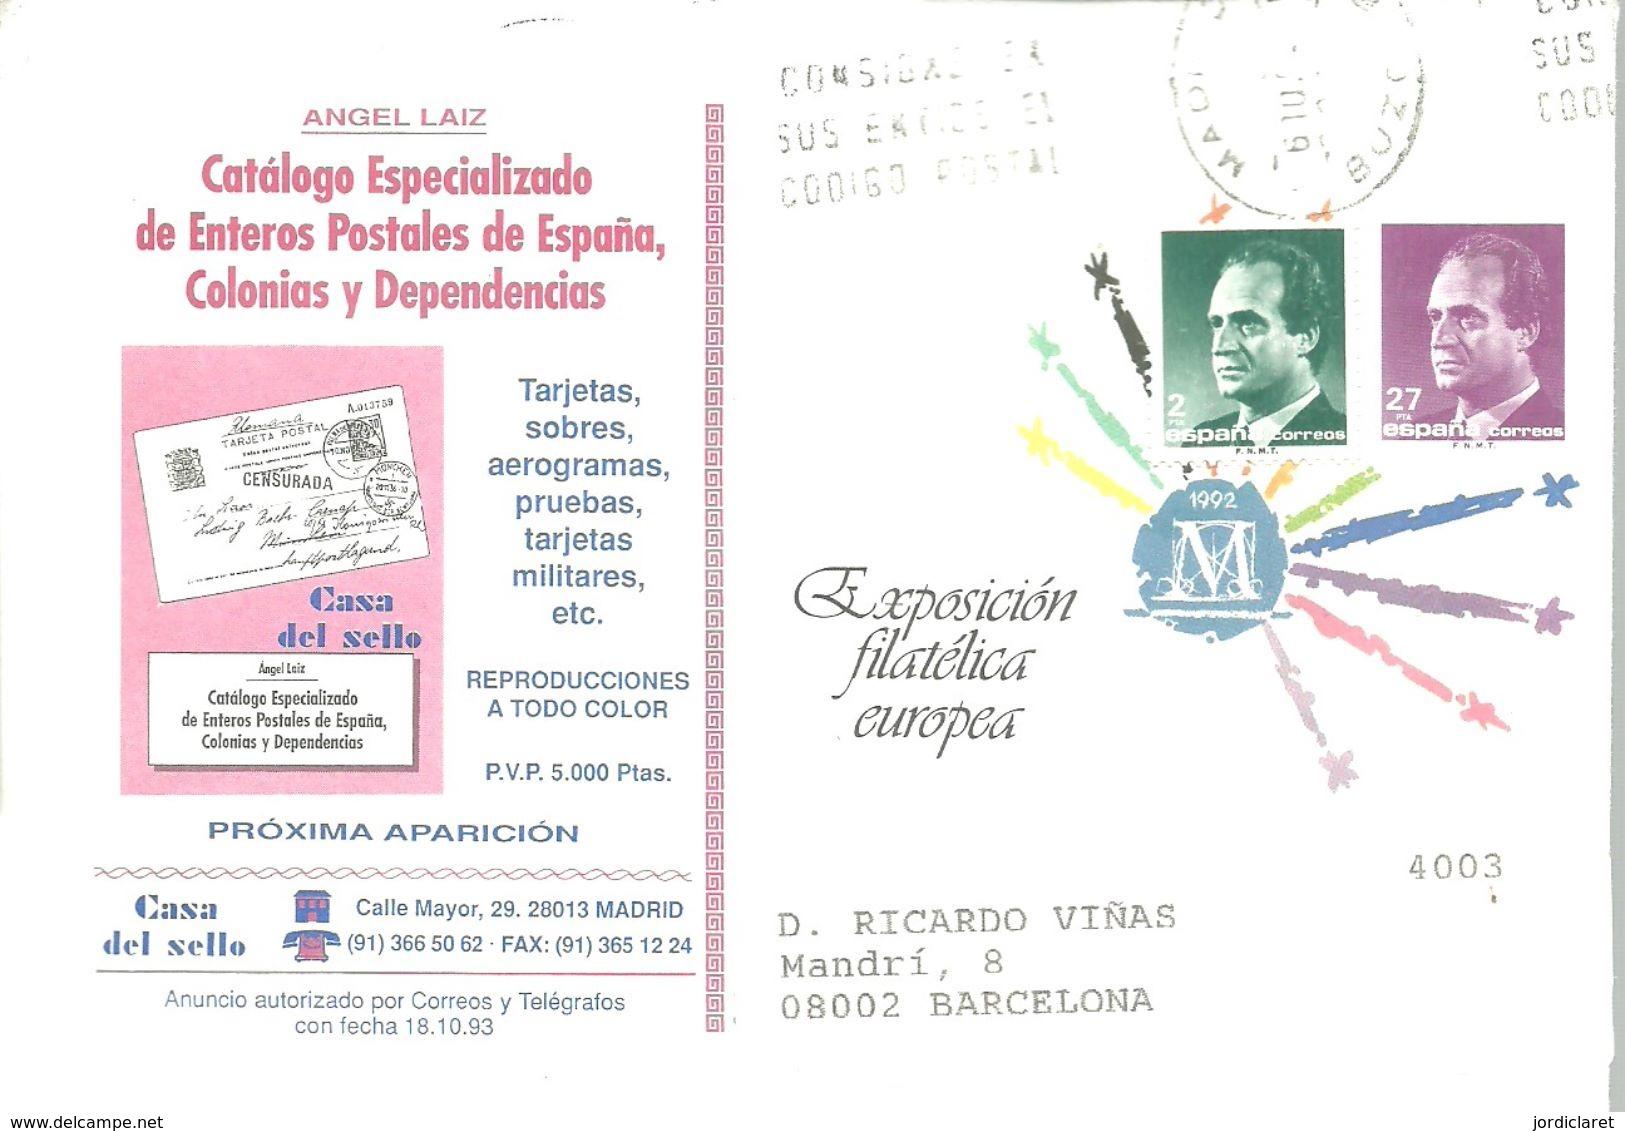 SEP PARTICULAR CIRCULADO A.LAIZ - Enteros Postales